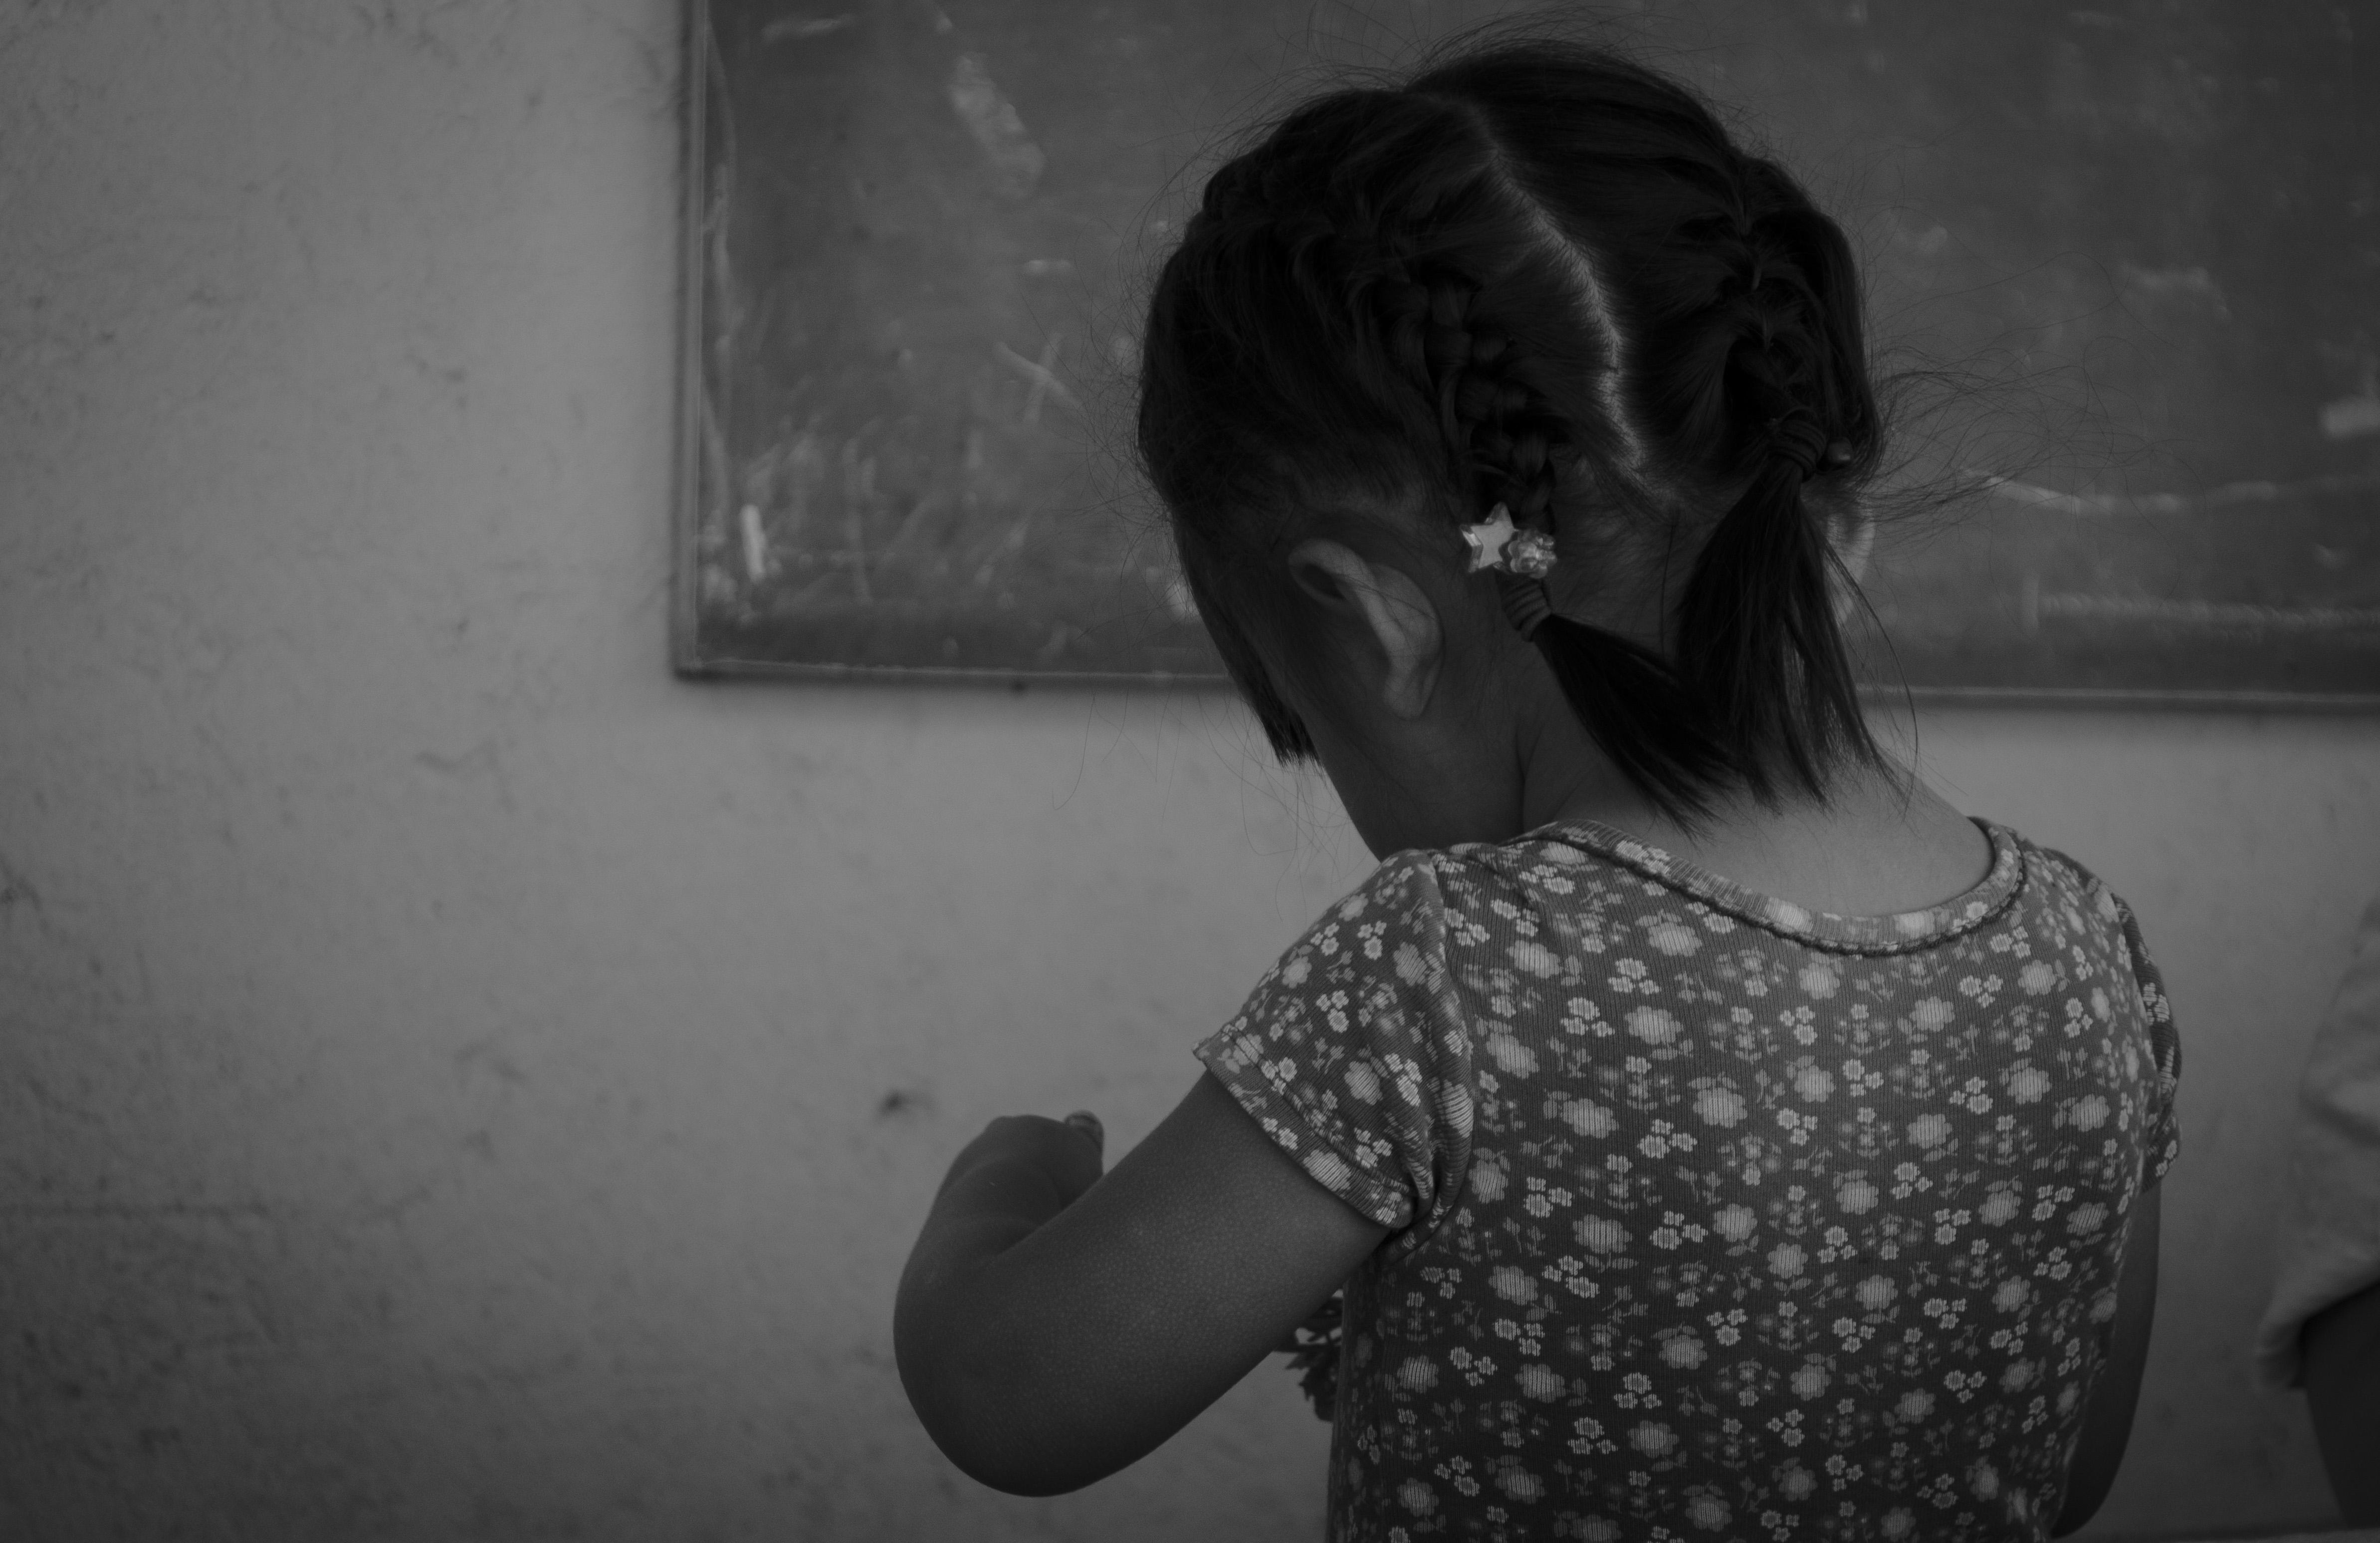 INFANCIA OLVIDADA EN PRISIÓN: LA REALIDAD DE CIENTOS DE NIÑAS Y NIÑOS